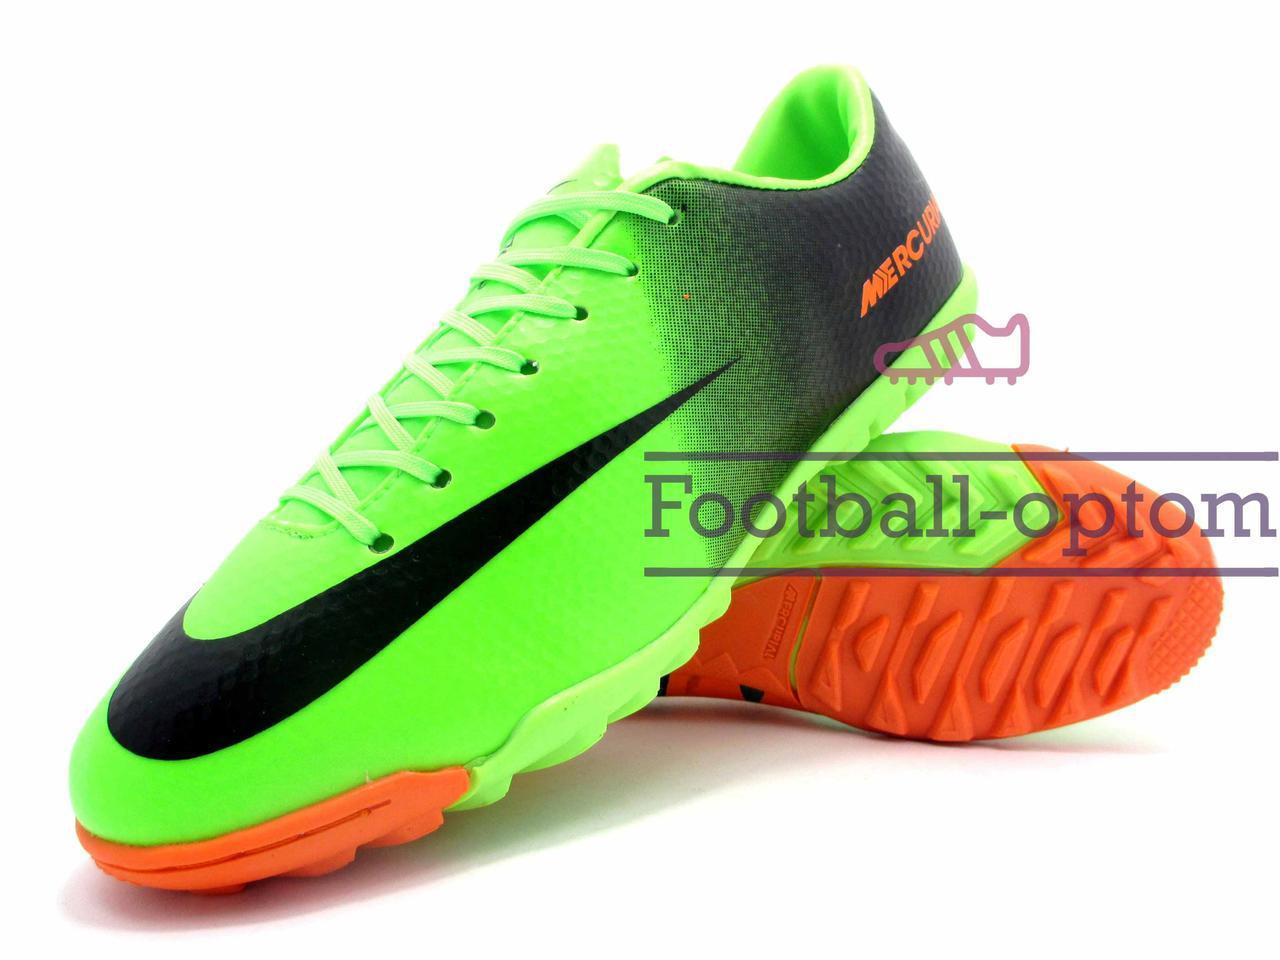 d0a9fa5e Сороконожки найк меркуриал,Nike Mercurial Victory - Just Buy - Только  лучшие товары в Киеве